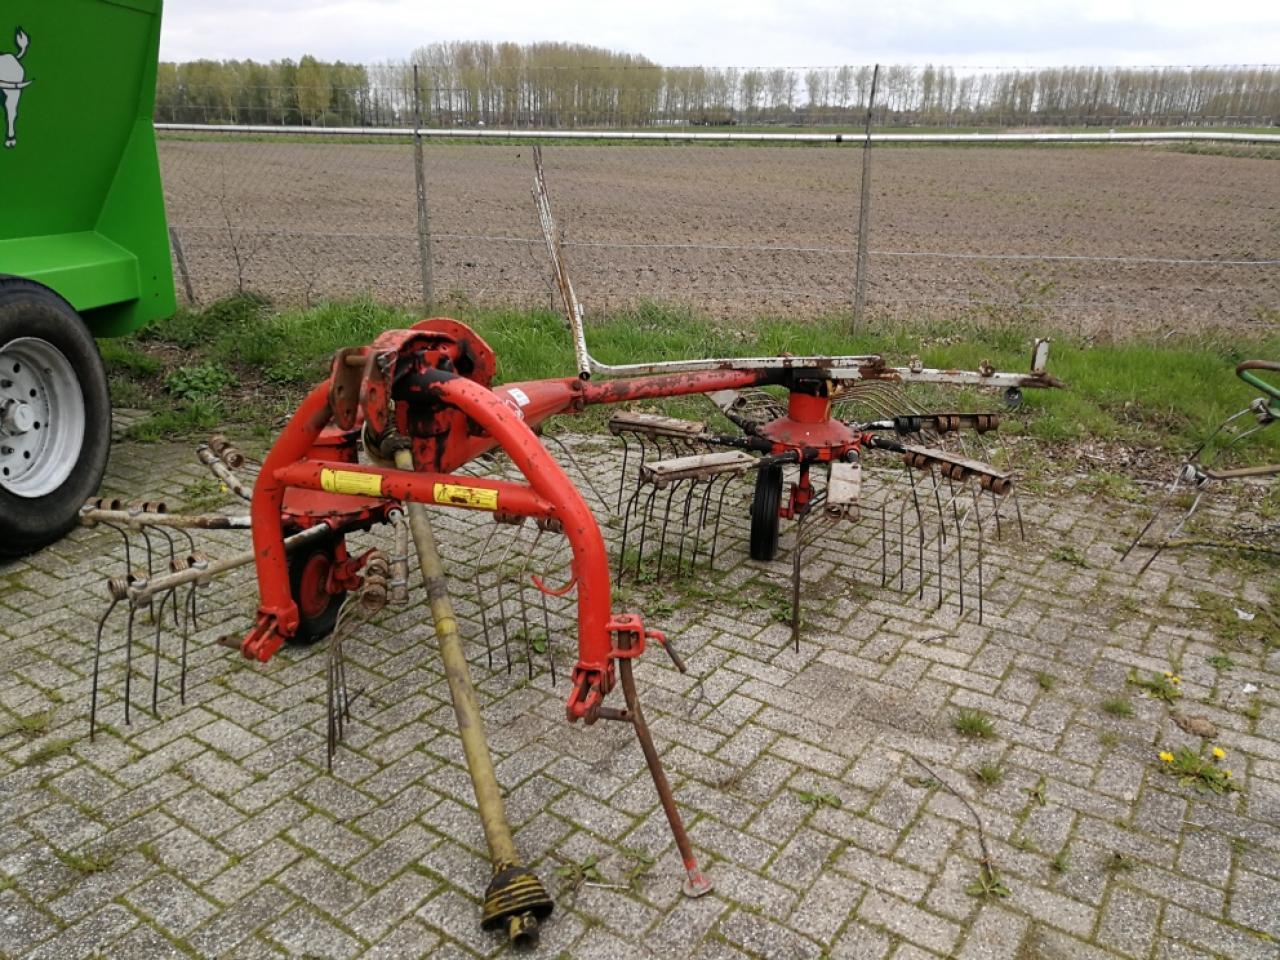 Kuhn 2 rotor